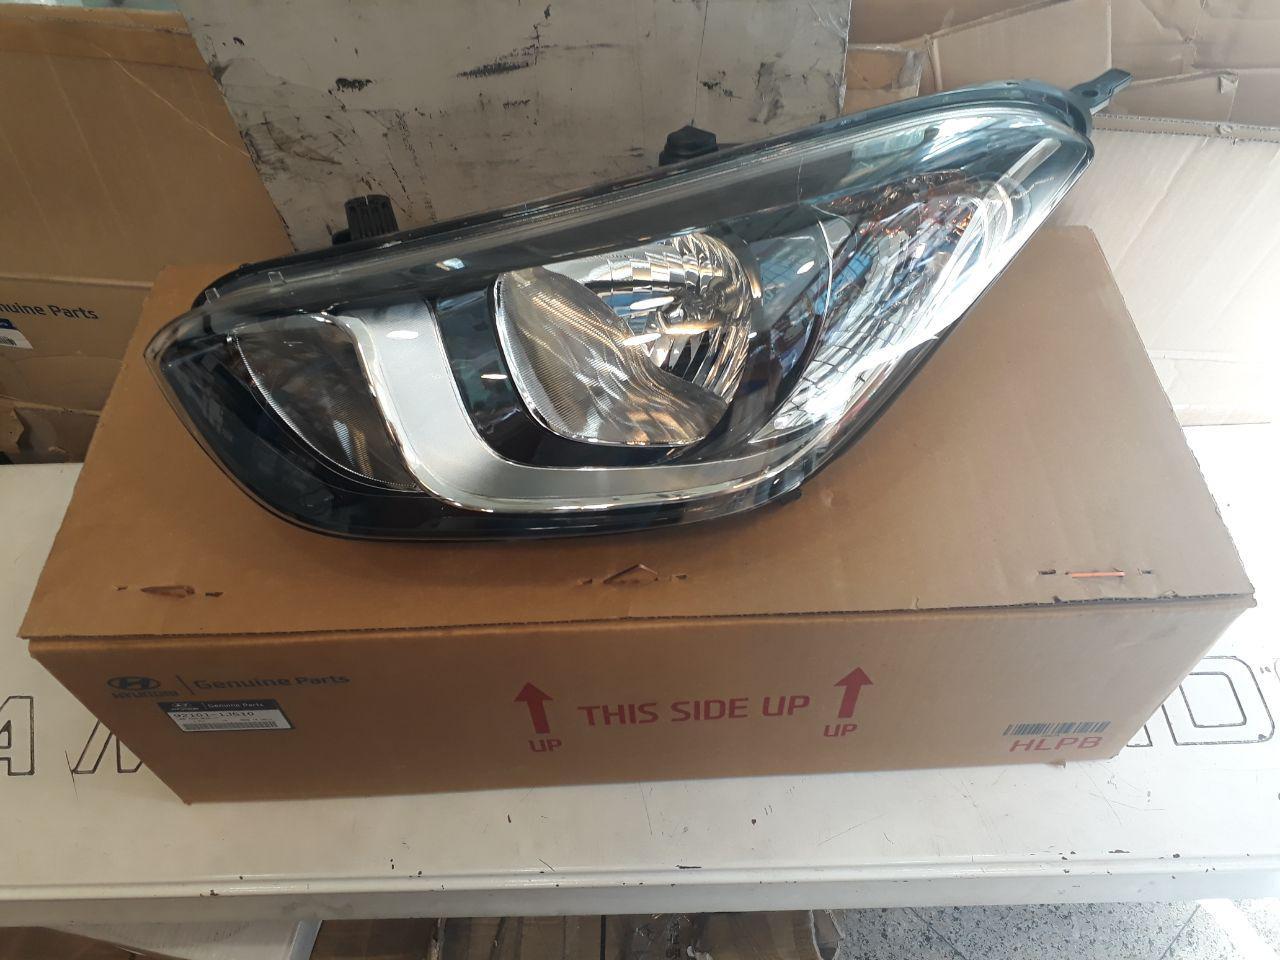 چراغ جلو هیوندایی I20 مدل ۲۰۱۲ الی ۲۰۱۵ اصلی فابریک جینیون پارت  ۹۲۱۰۱-۱J510